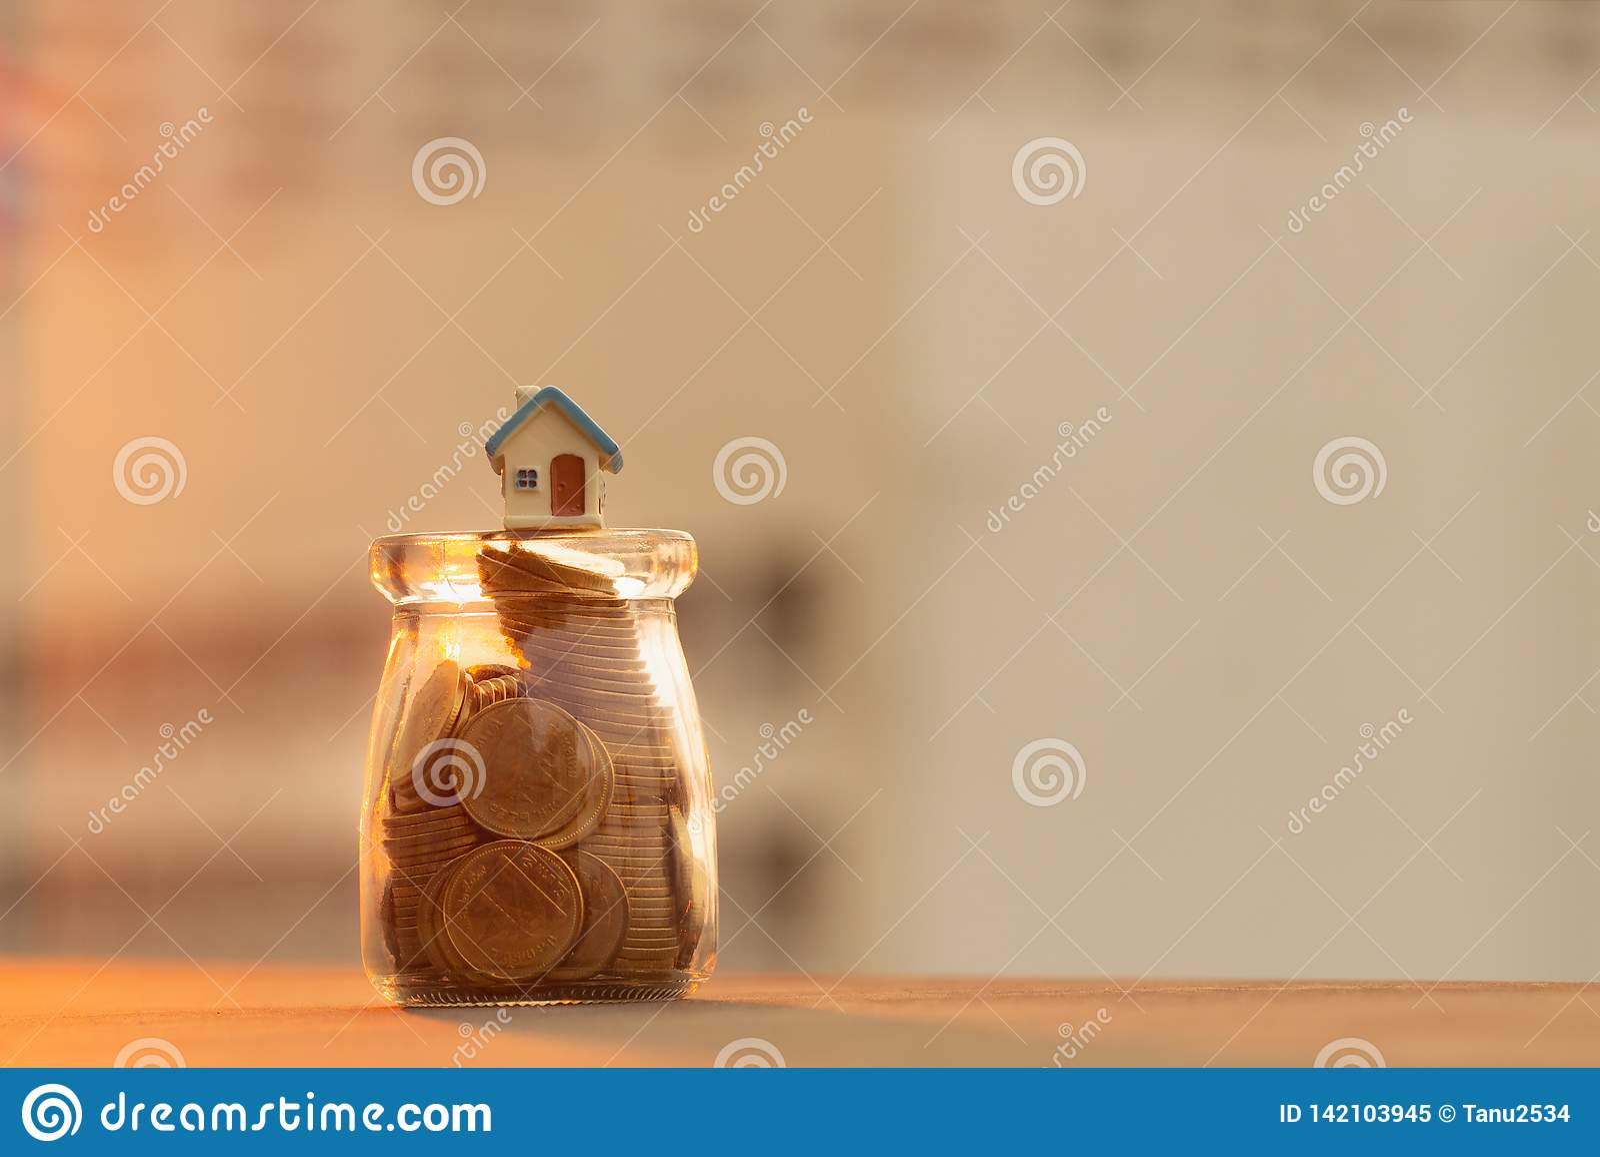 硬币和家瓶的;节约金钱概念